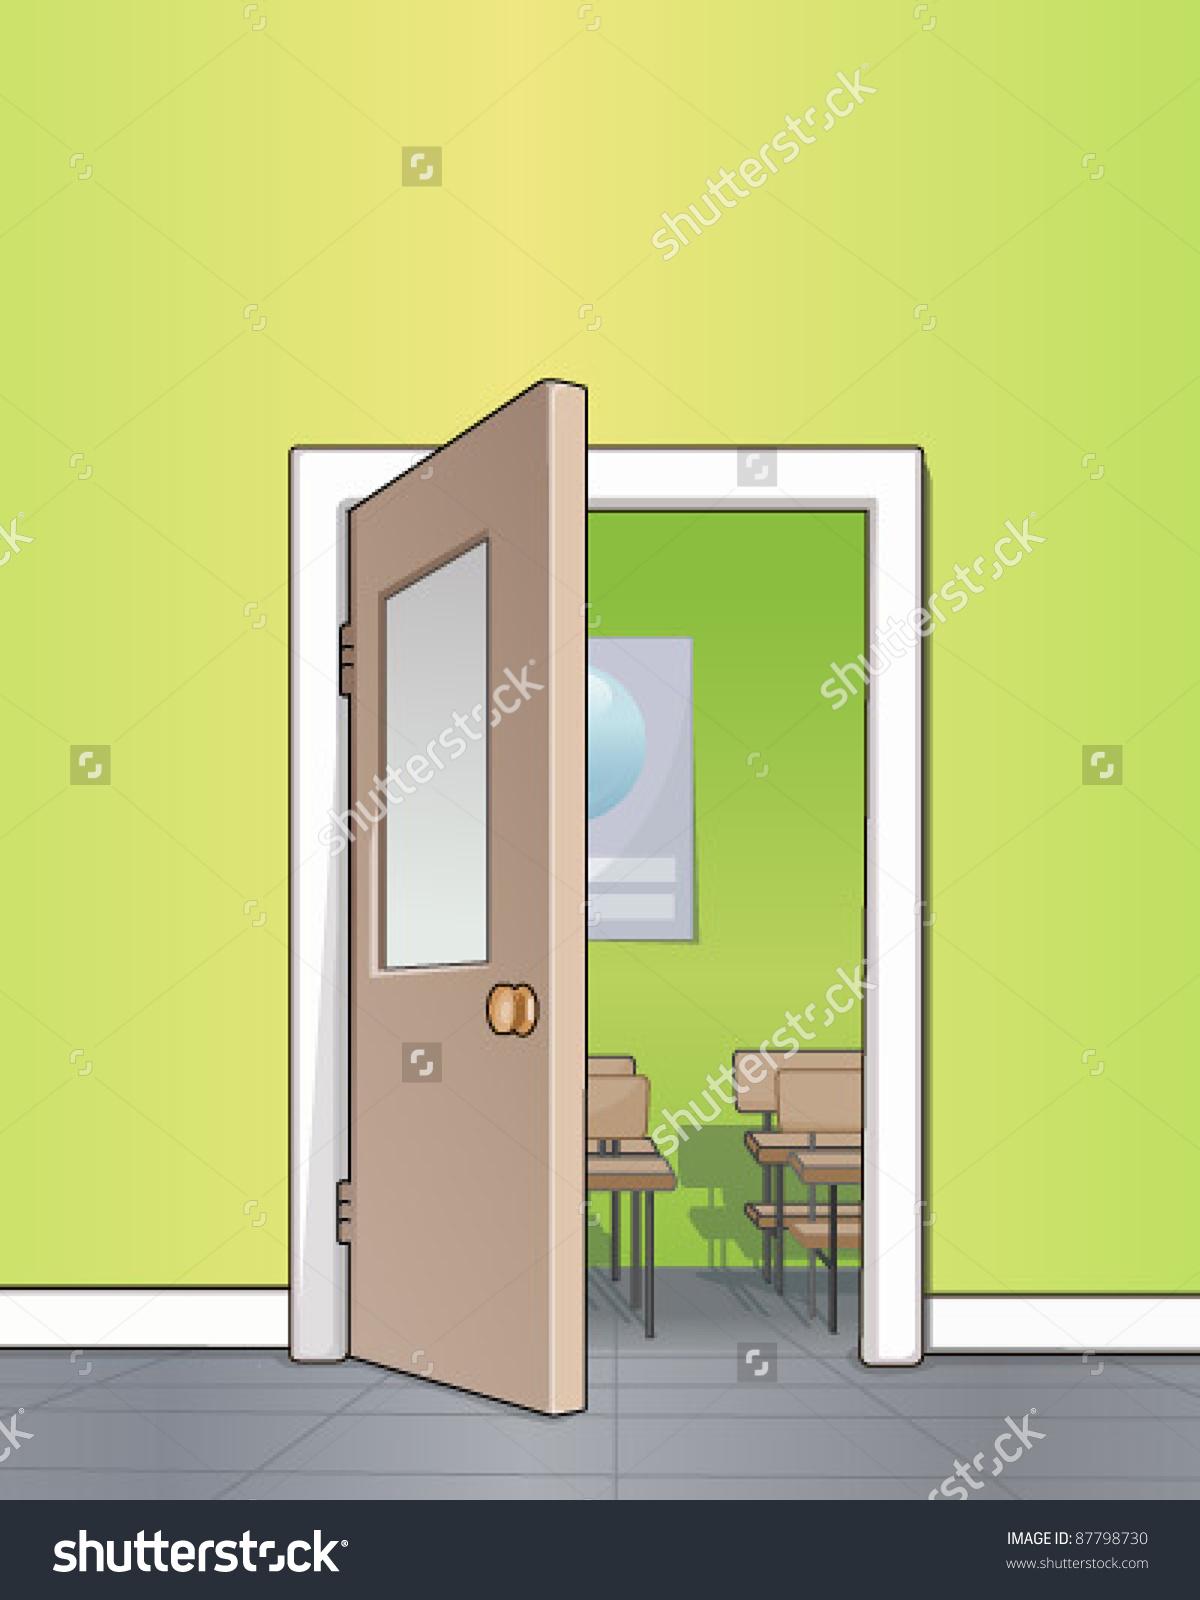 Classroom Clipart Door.